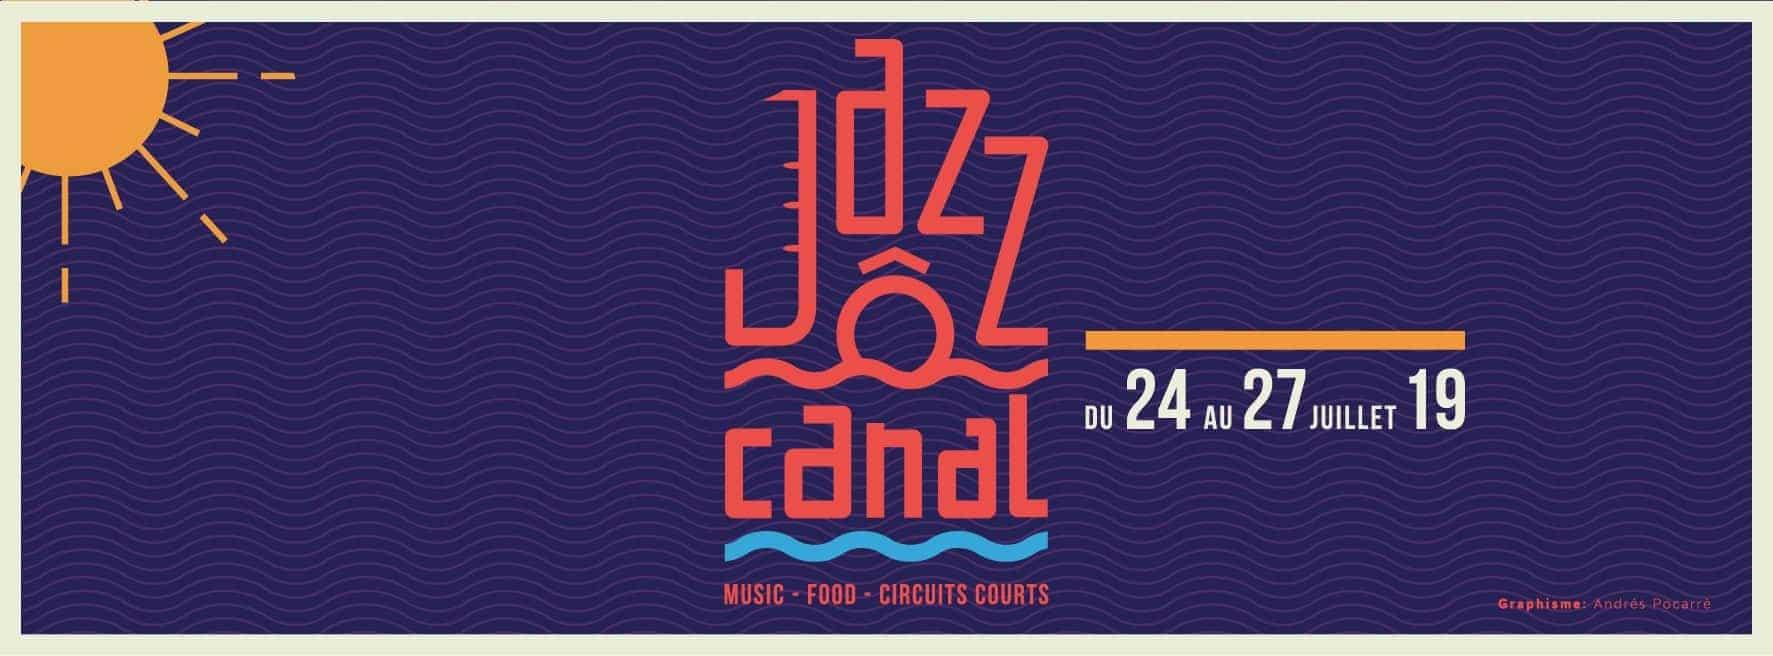 jazz o canal la drole de barge